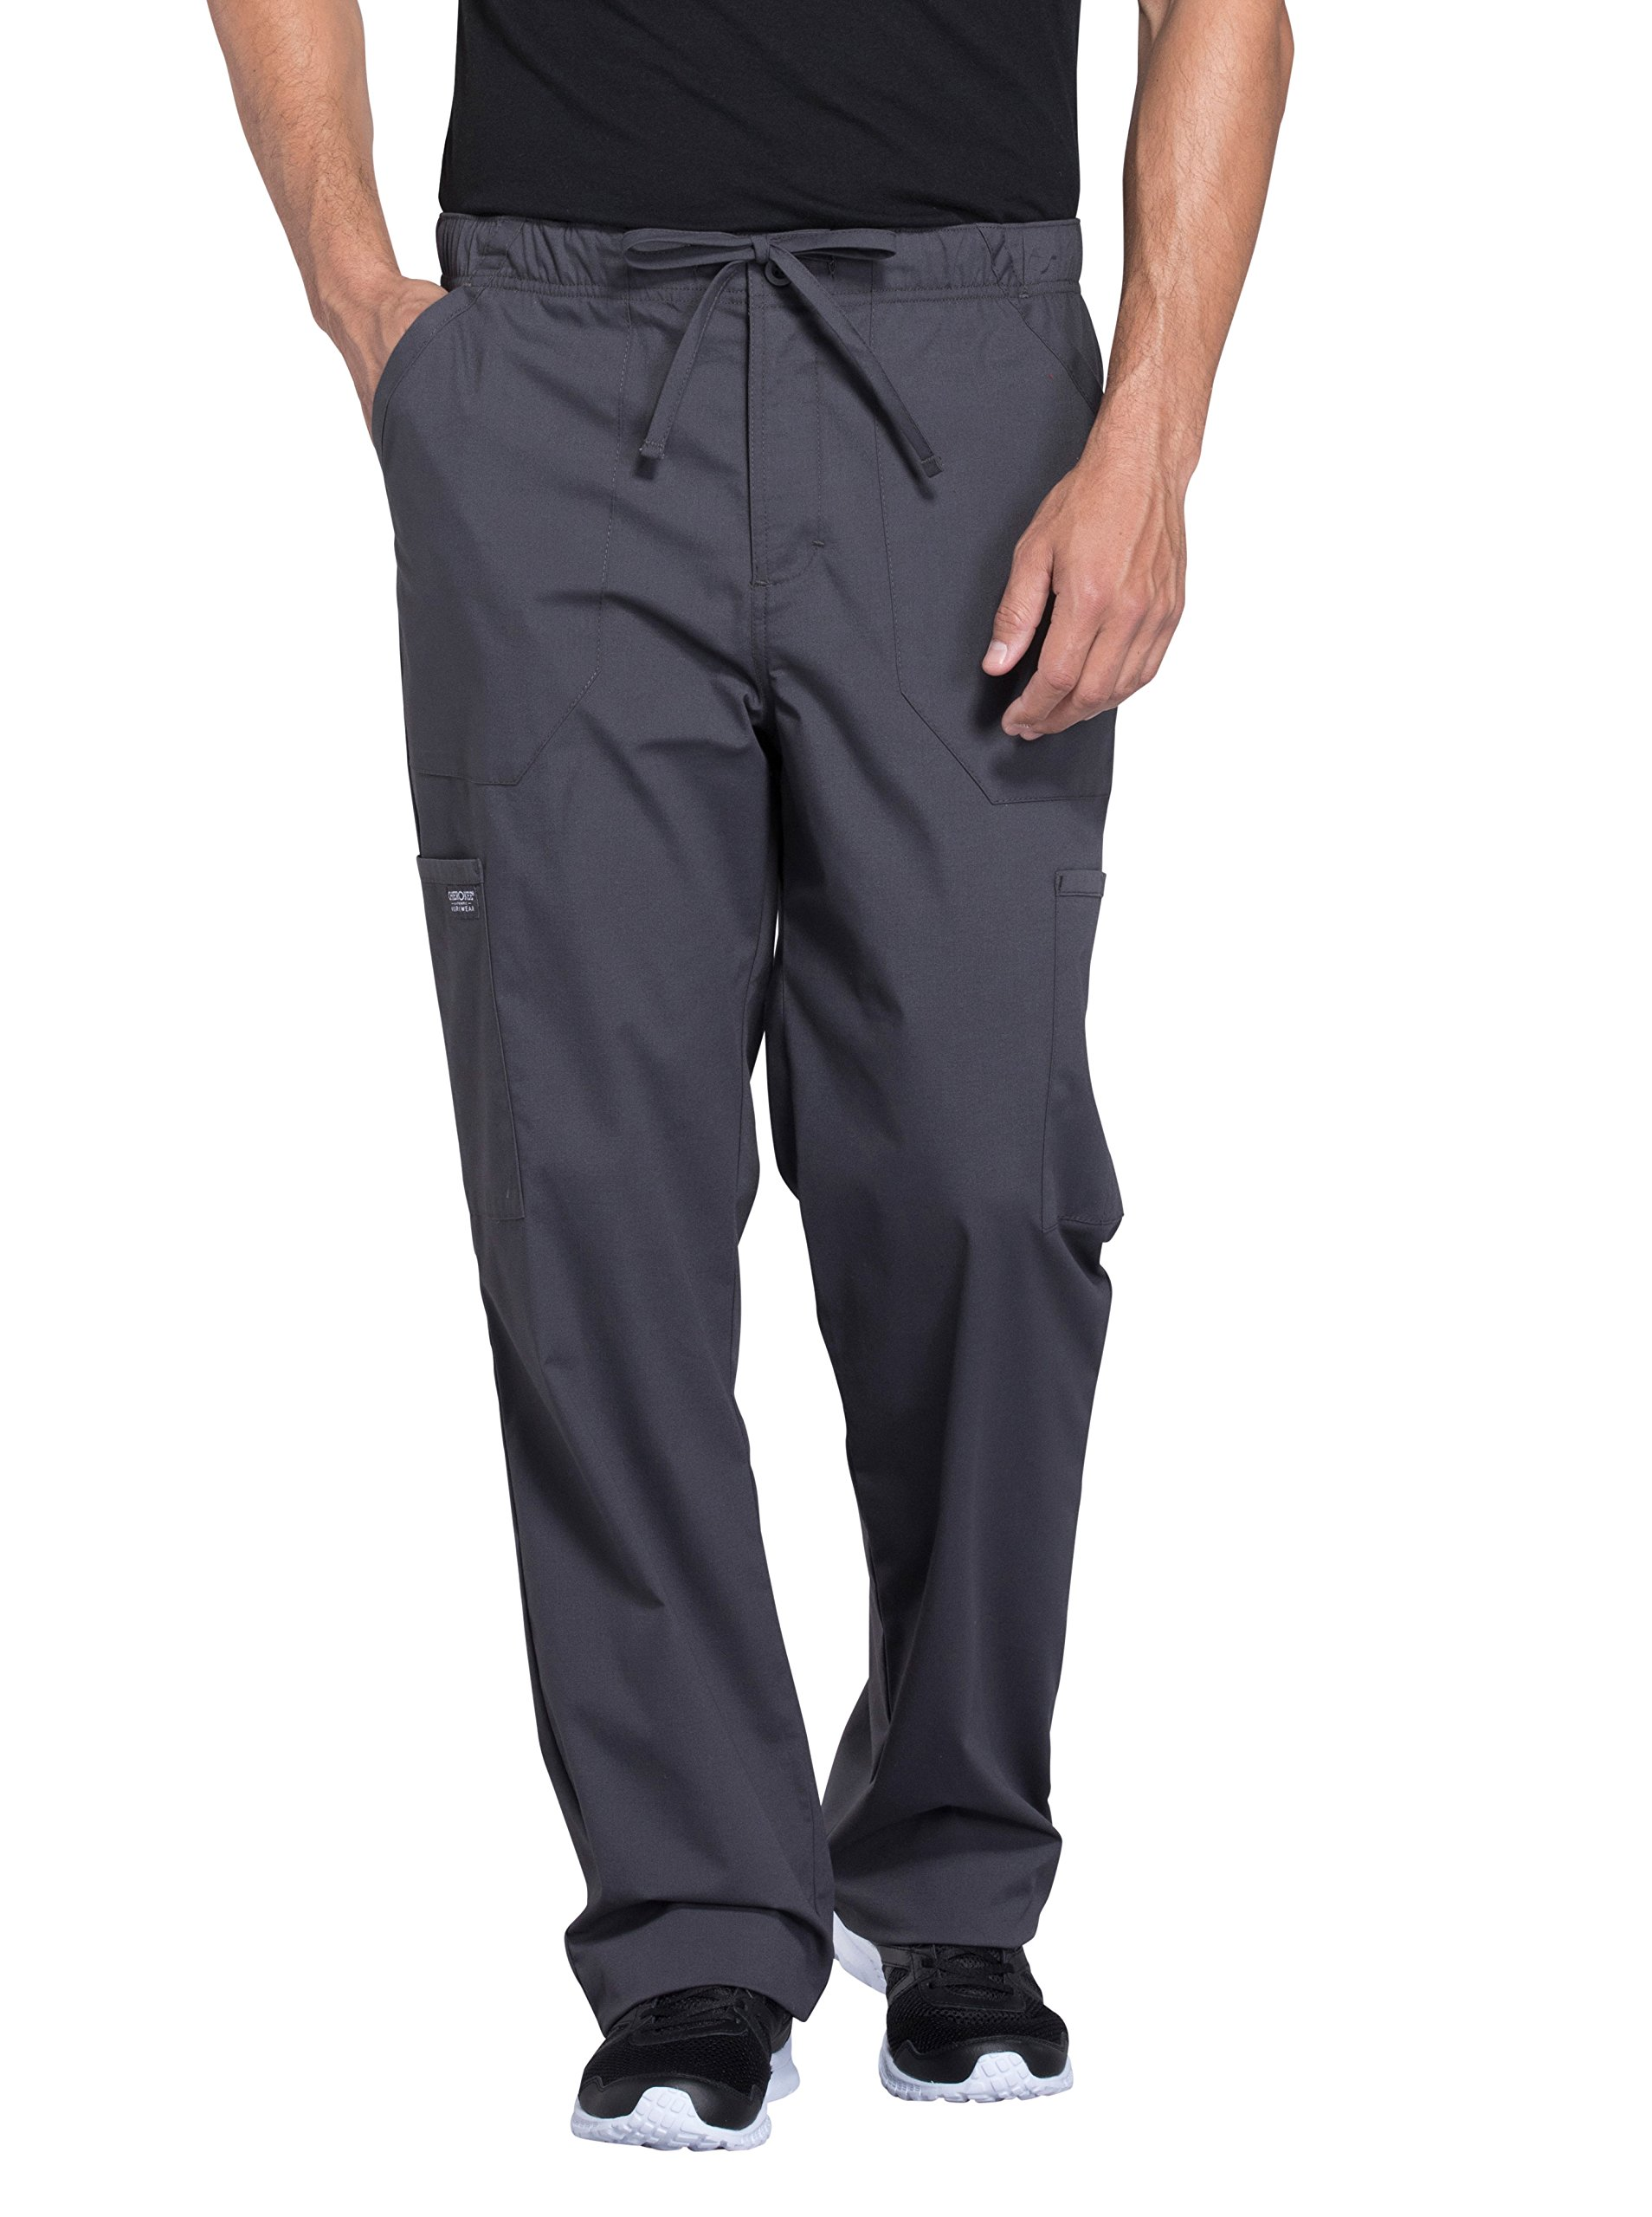 Cherokee Professionals Workwear Men's Tapered Leg Zip Fly Drawstring Scrub Pant Medium Pewter